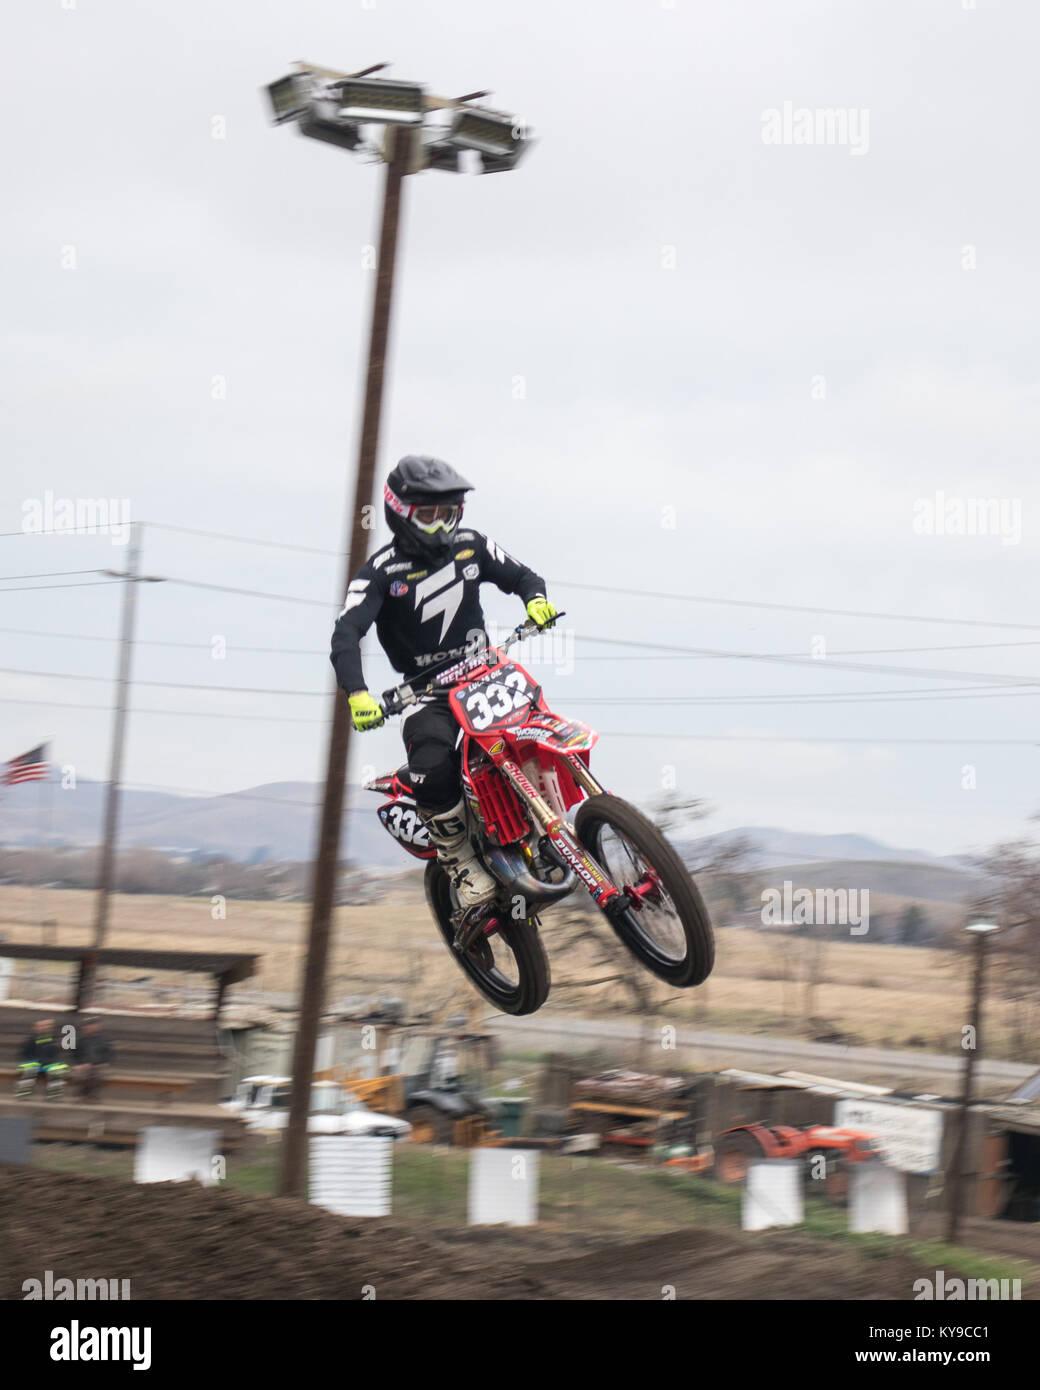 Dirt Bike rider - Stock Image